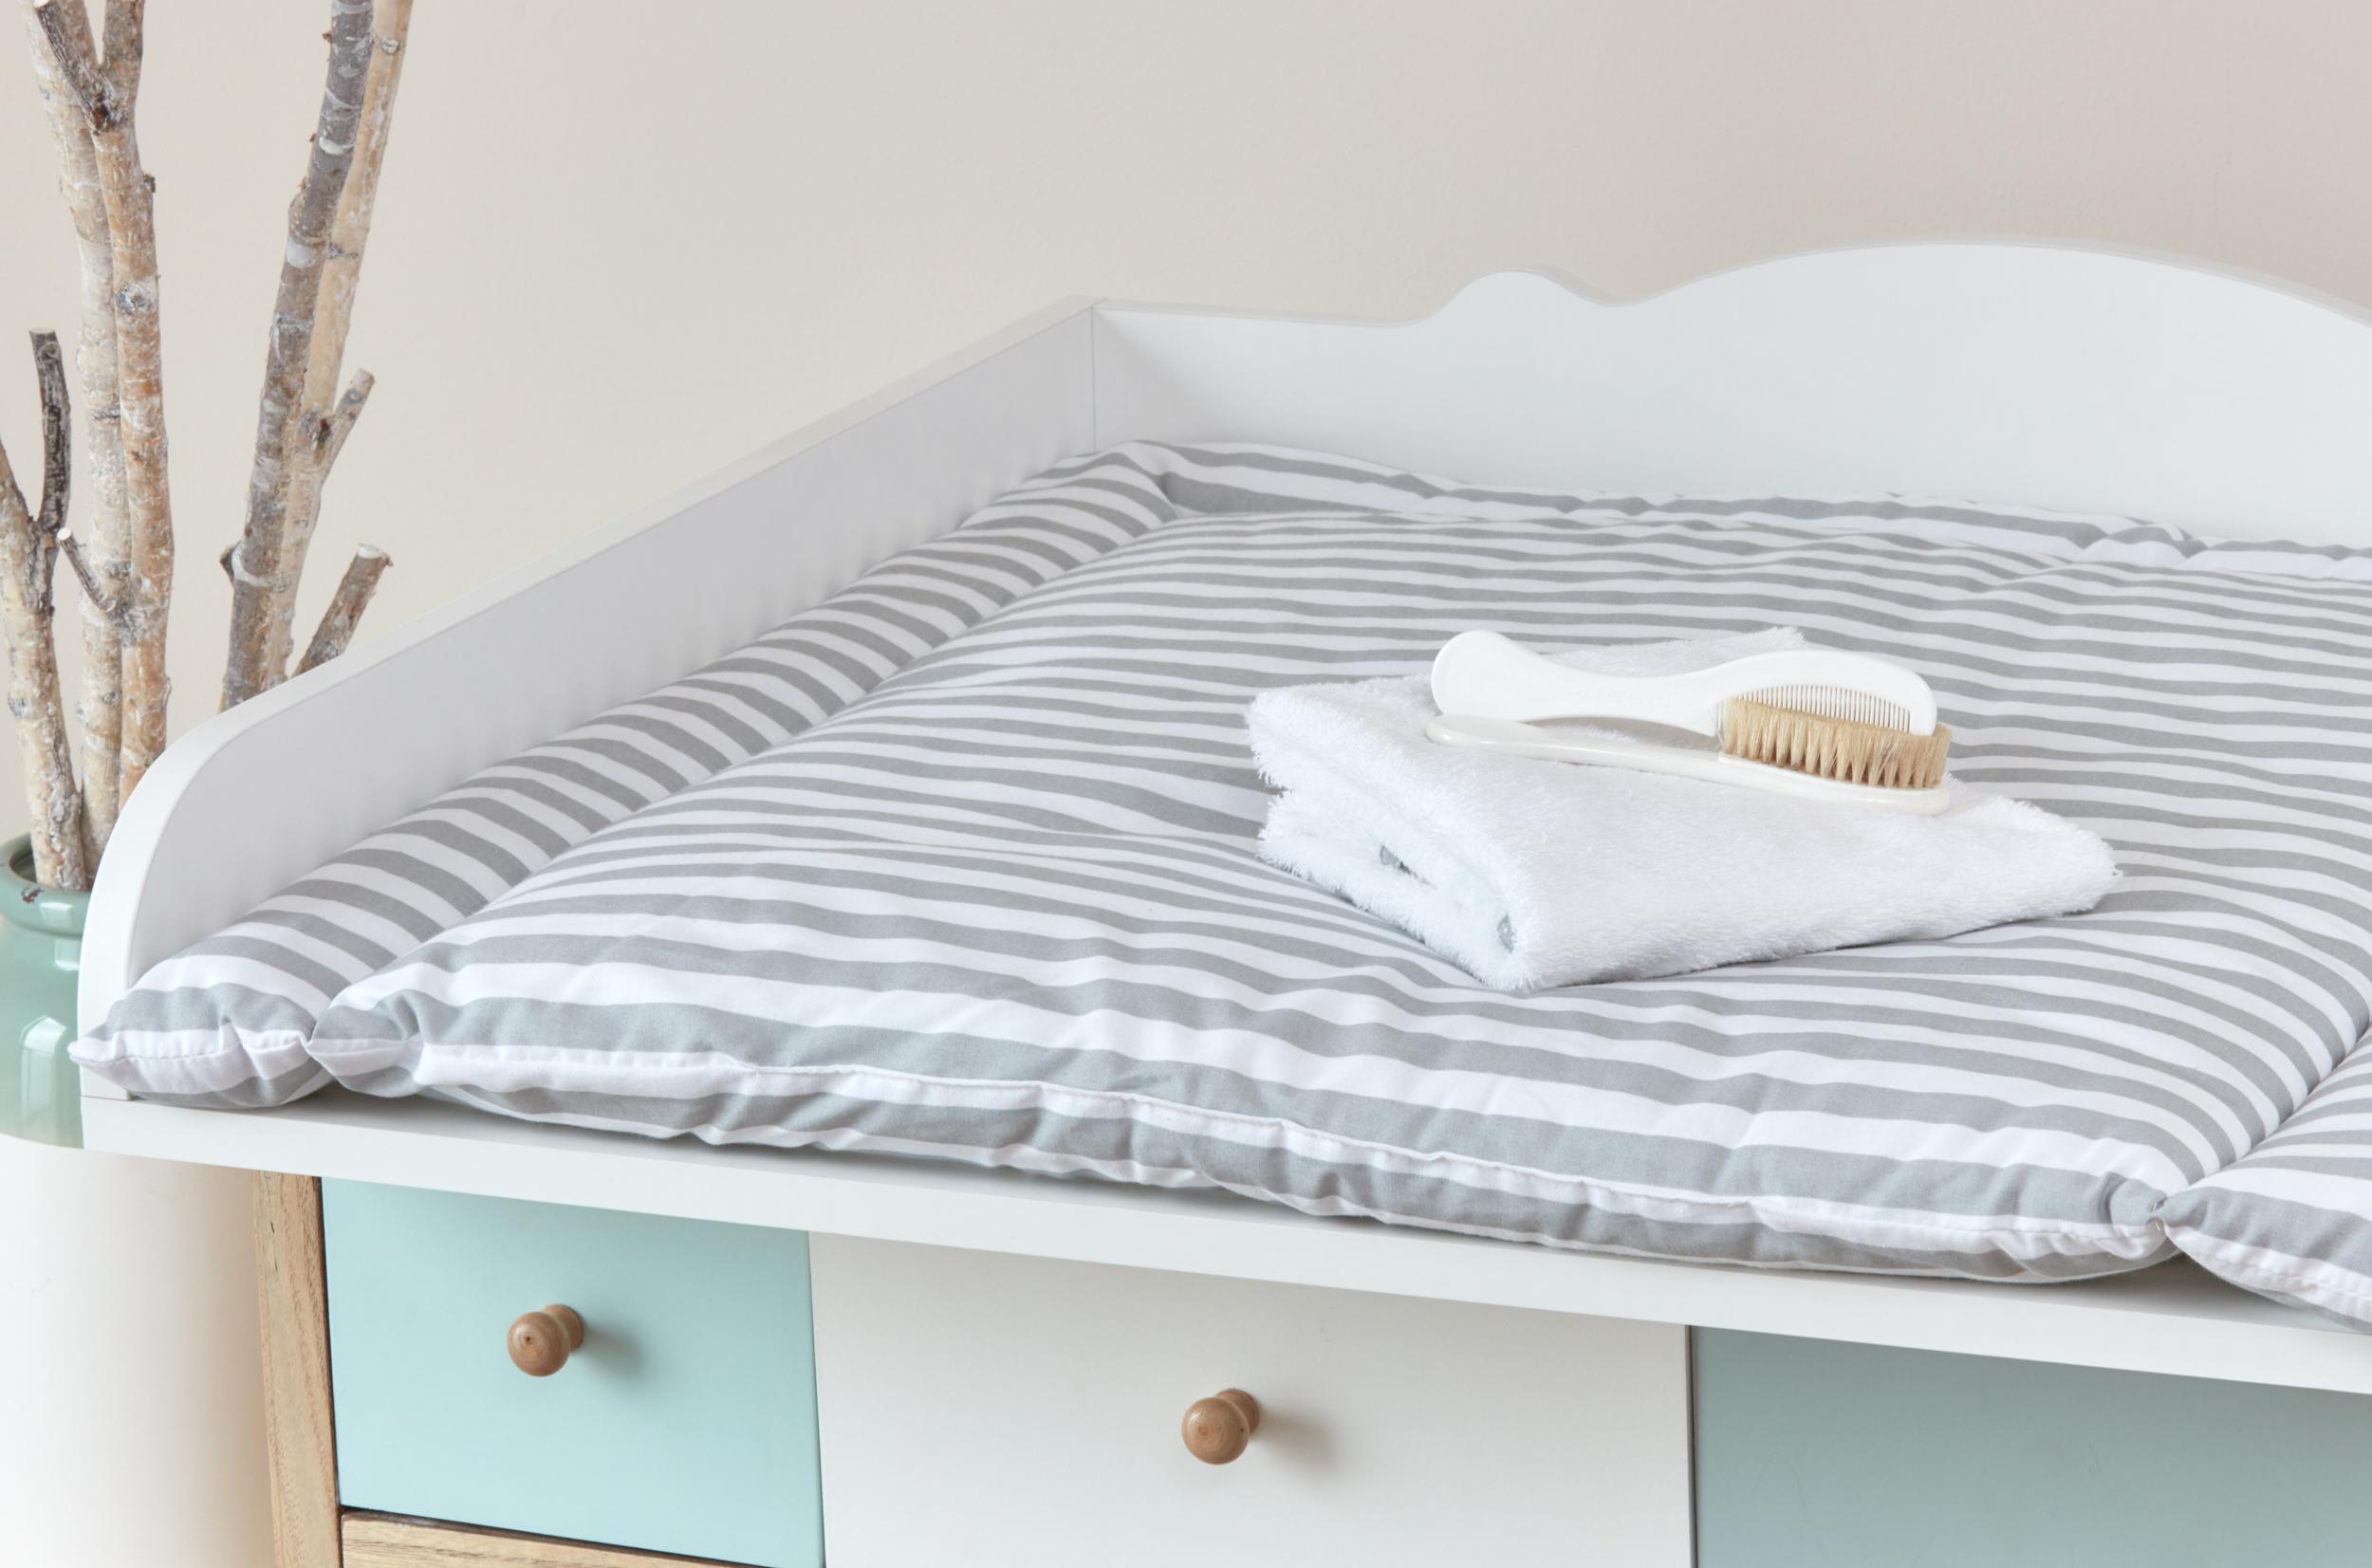 kraftkids wickelauflage dicke streifen grau breit 75 x tief 70 cm. Black Bedroom Furniture Sets. Home Design Ideas